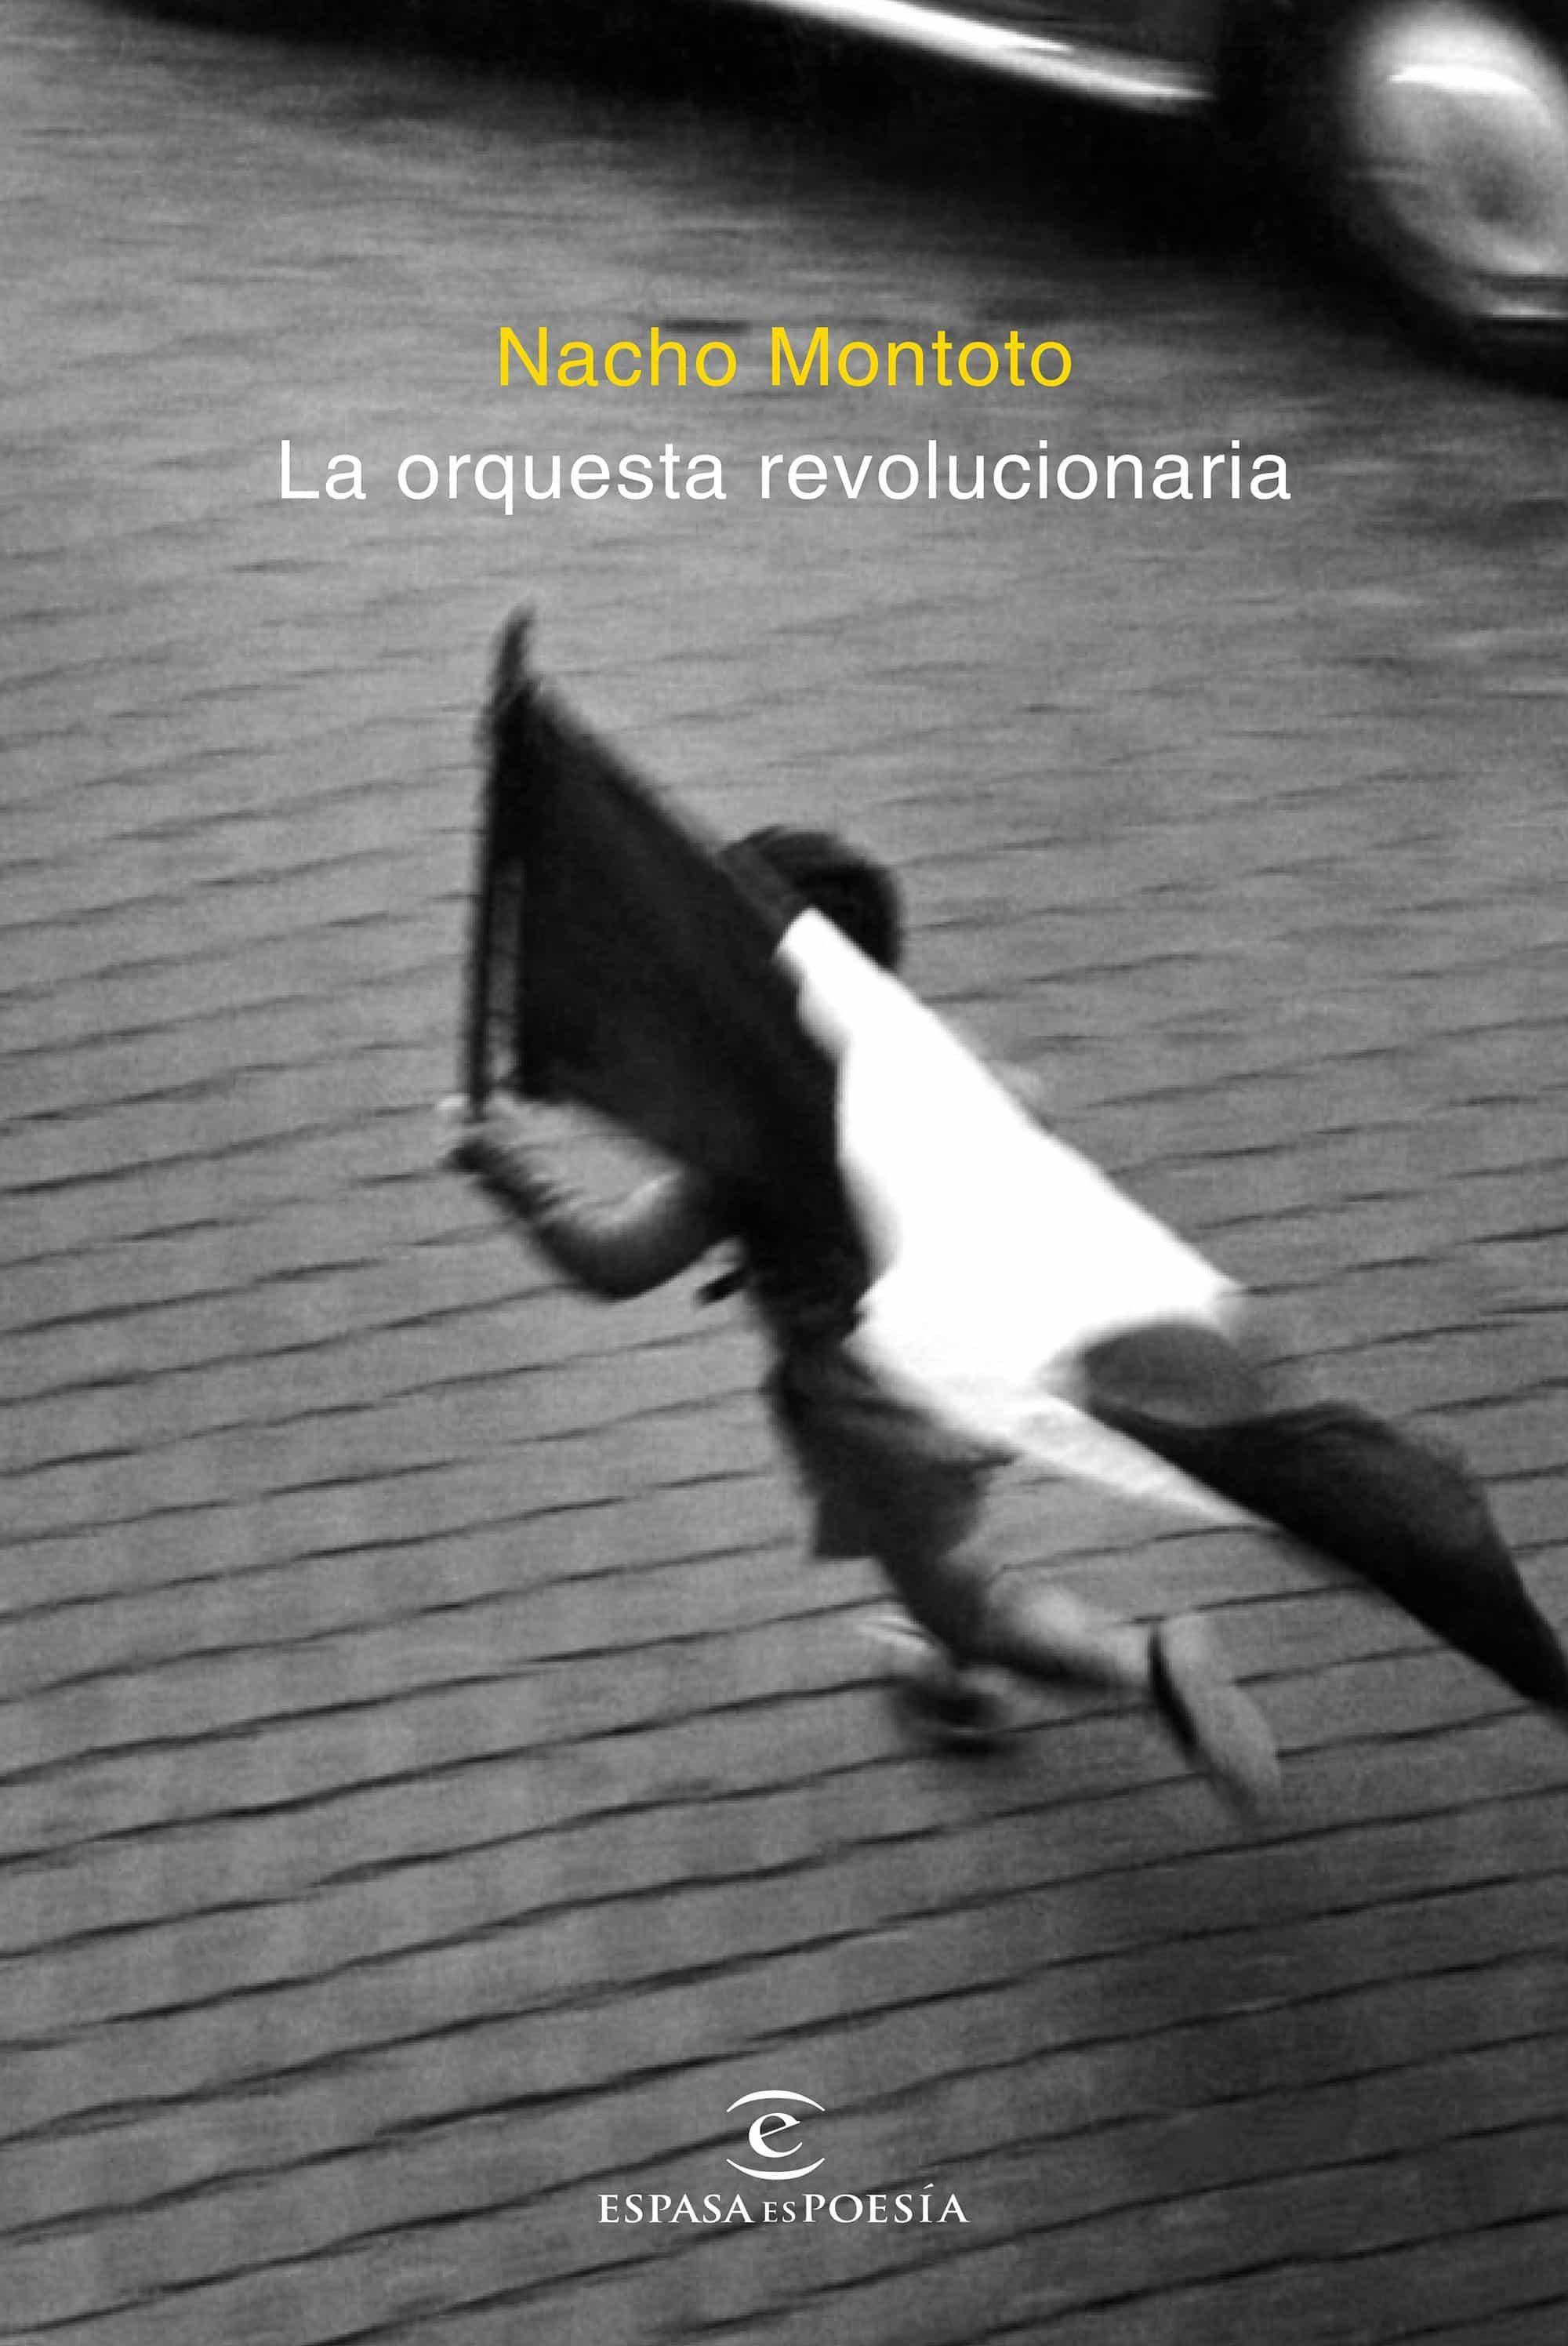 Resultado de imagen de la orquesta revolucionaria nacho montoto